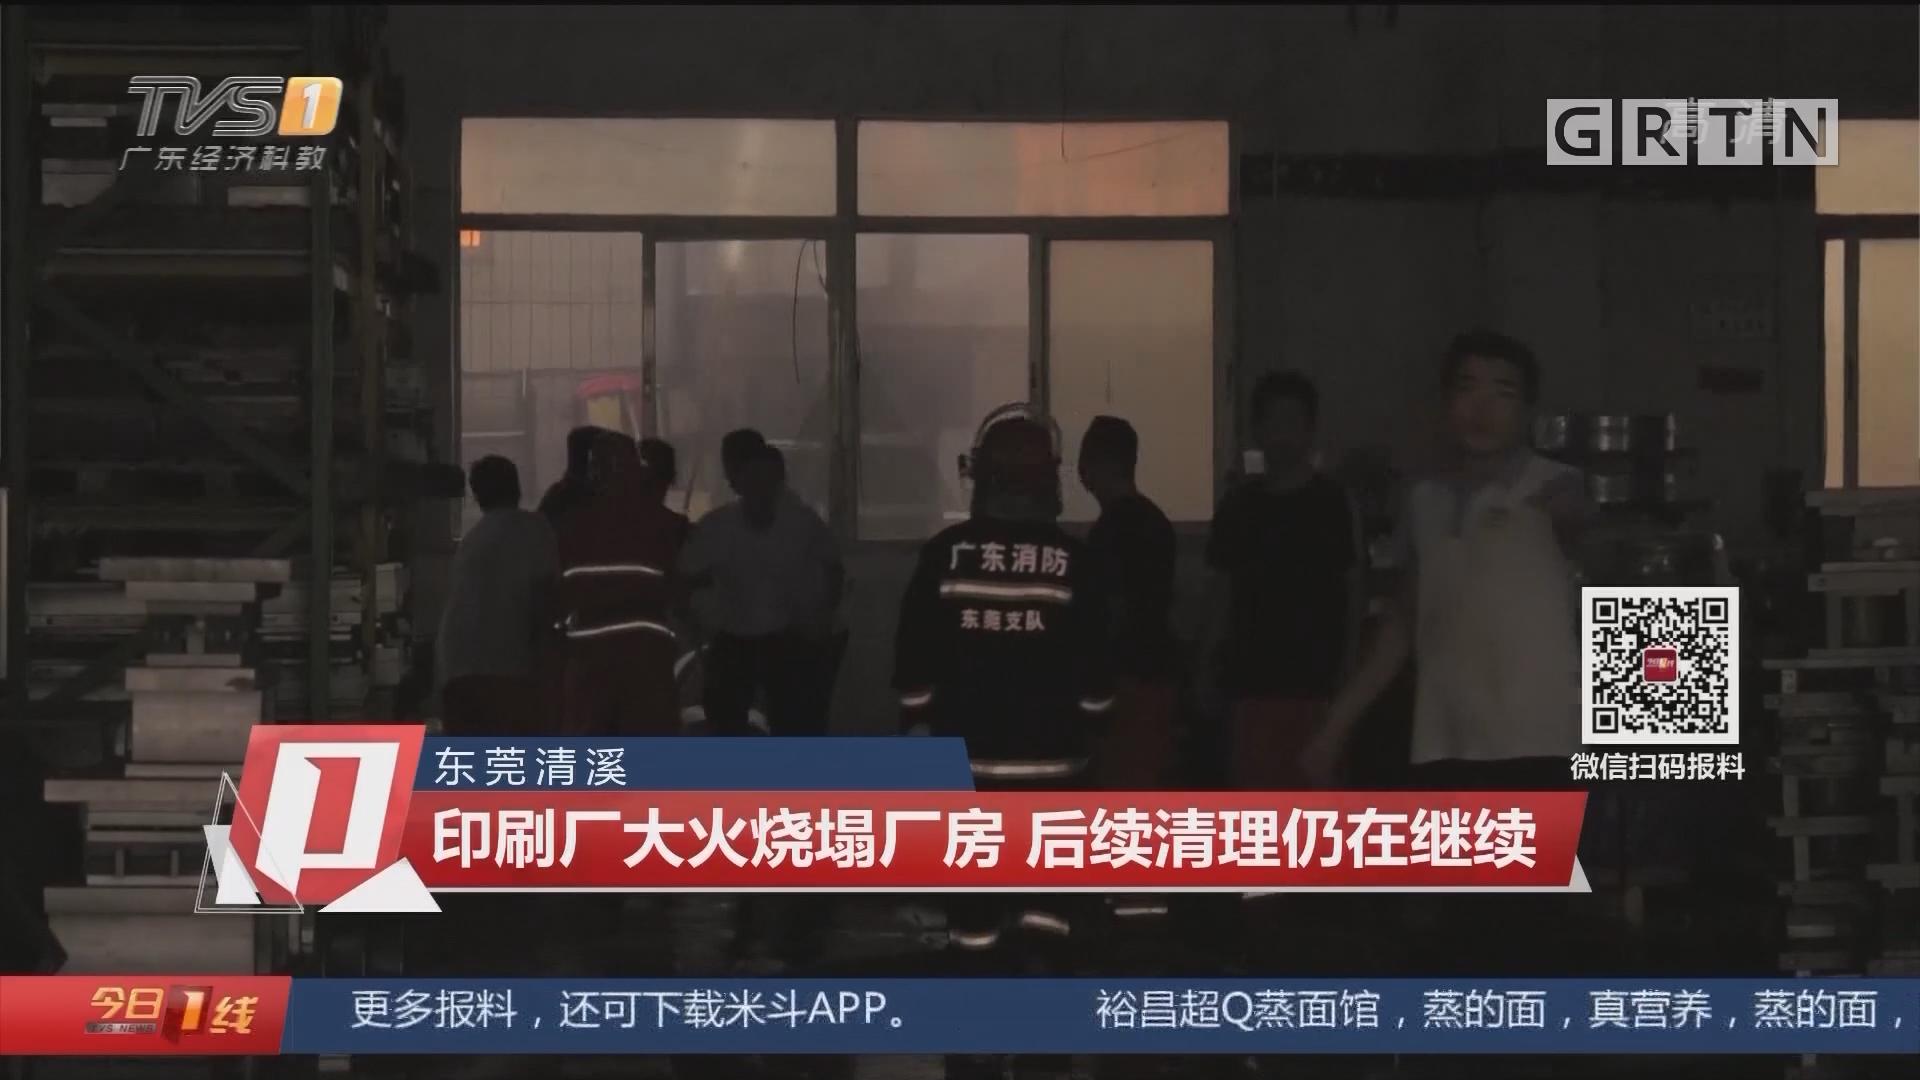 東莞清溪:印刷廠大火燒塌廠房 后續清理仍在繼續